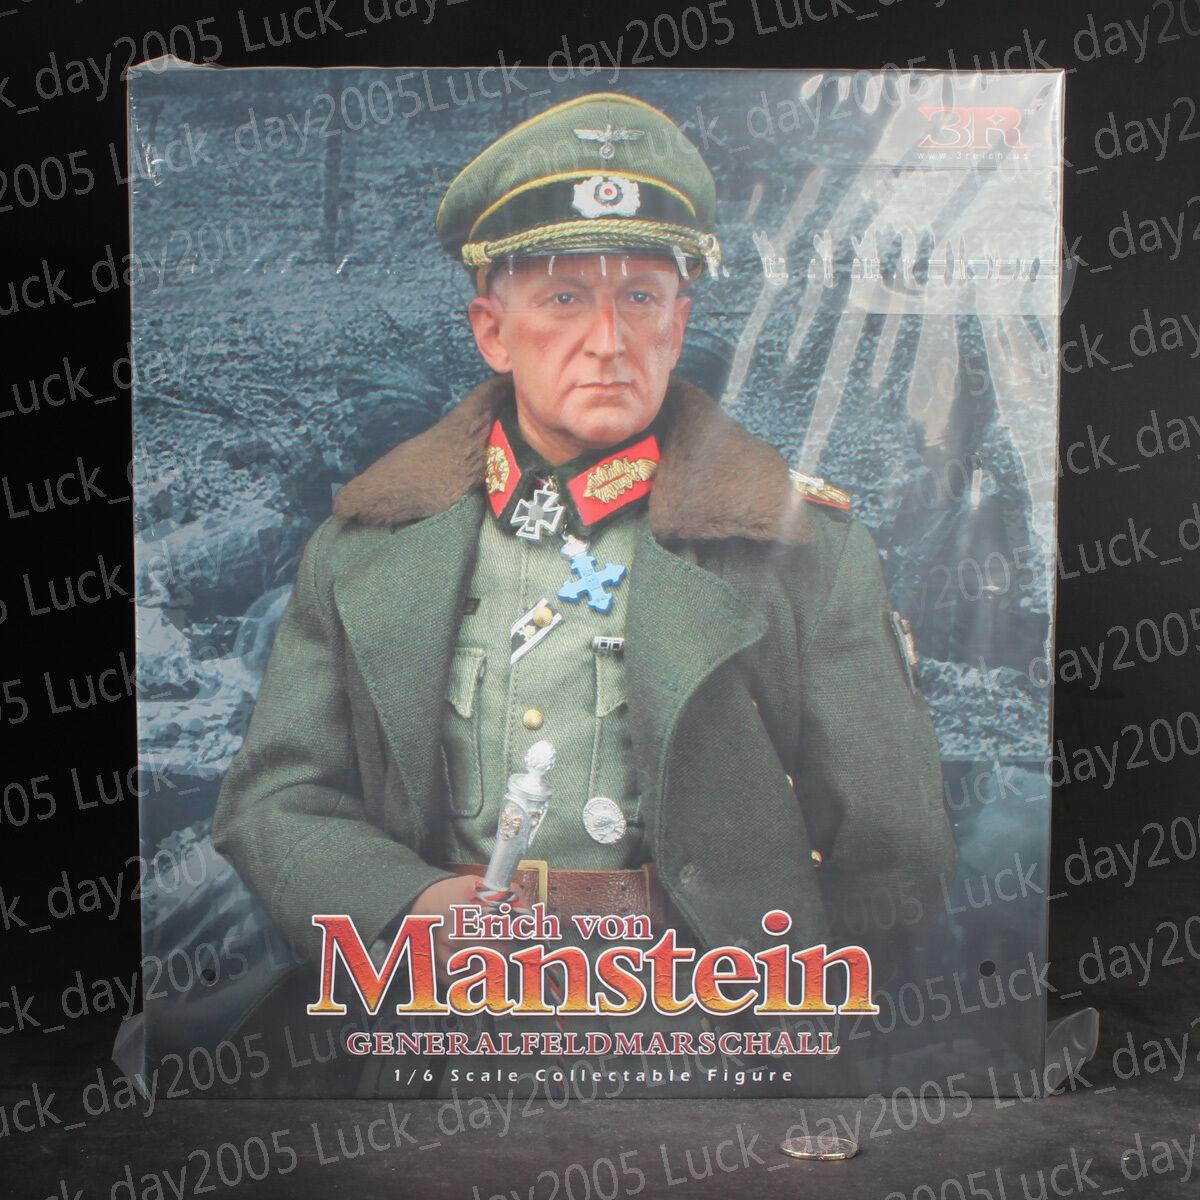 3r deutschen kommandeur erich von manstein 1   6 abb.